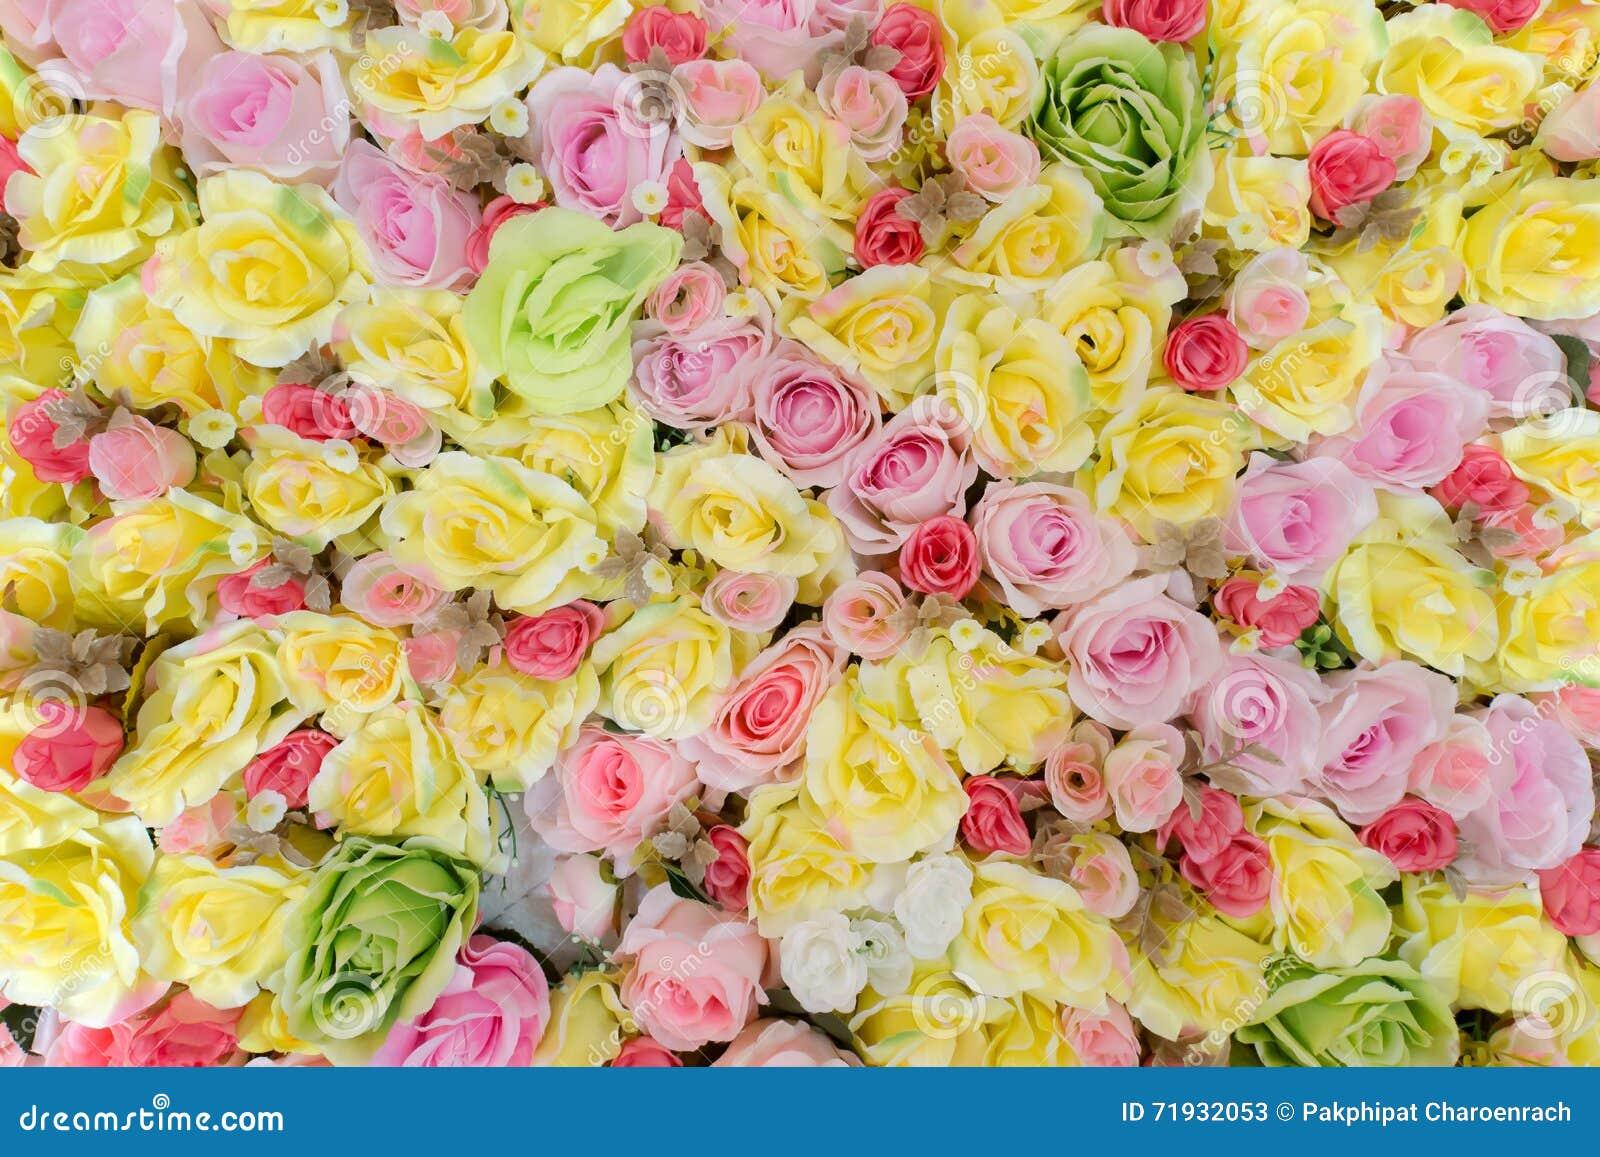 Красивая искусственная предпосылка цветка роз